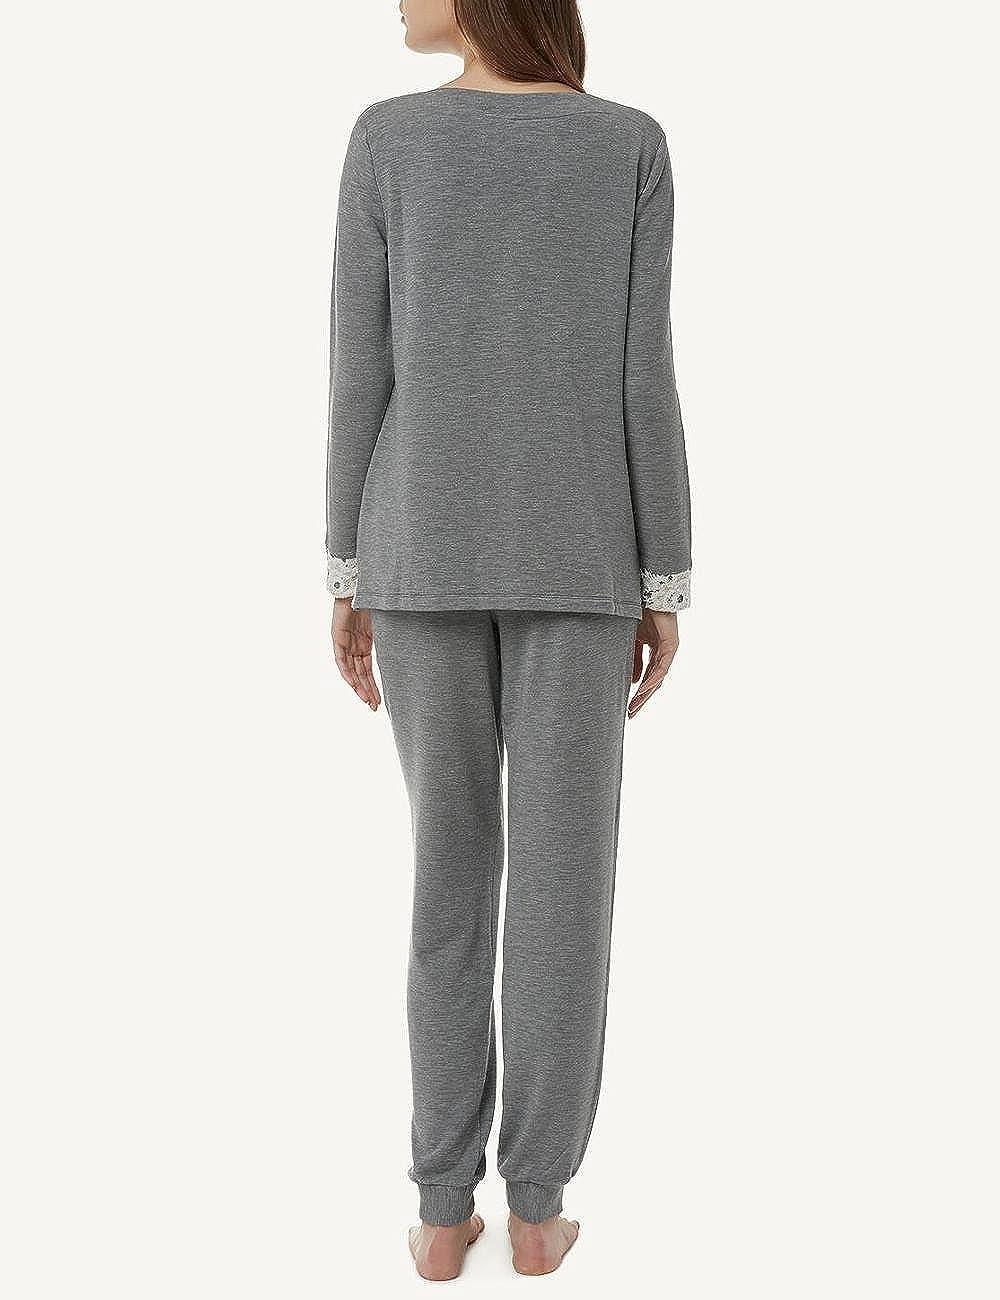 Intimissimi - Pijama - para Mujer Grau - 976 Medium: Amazon ...